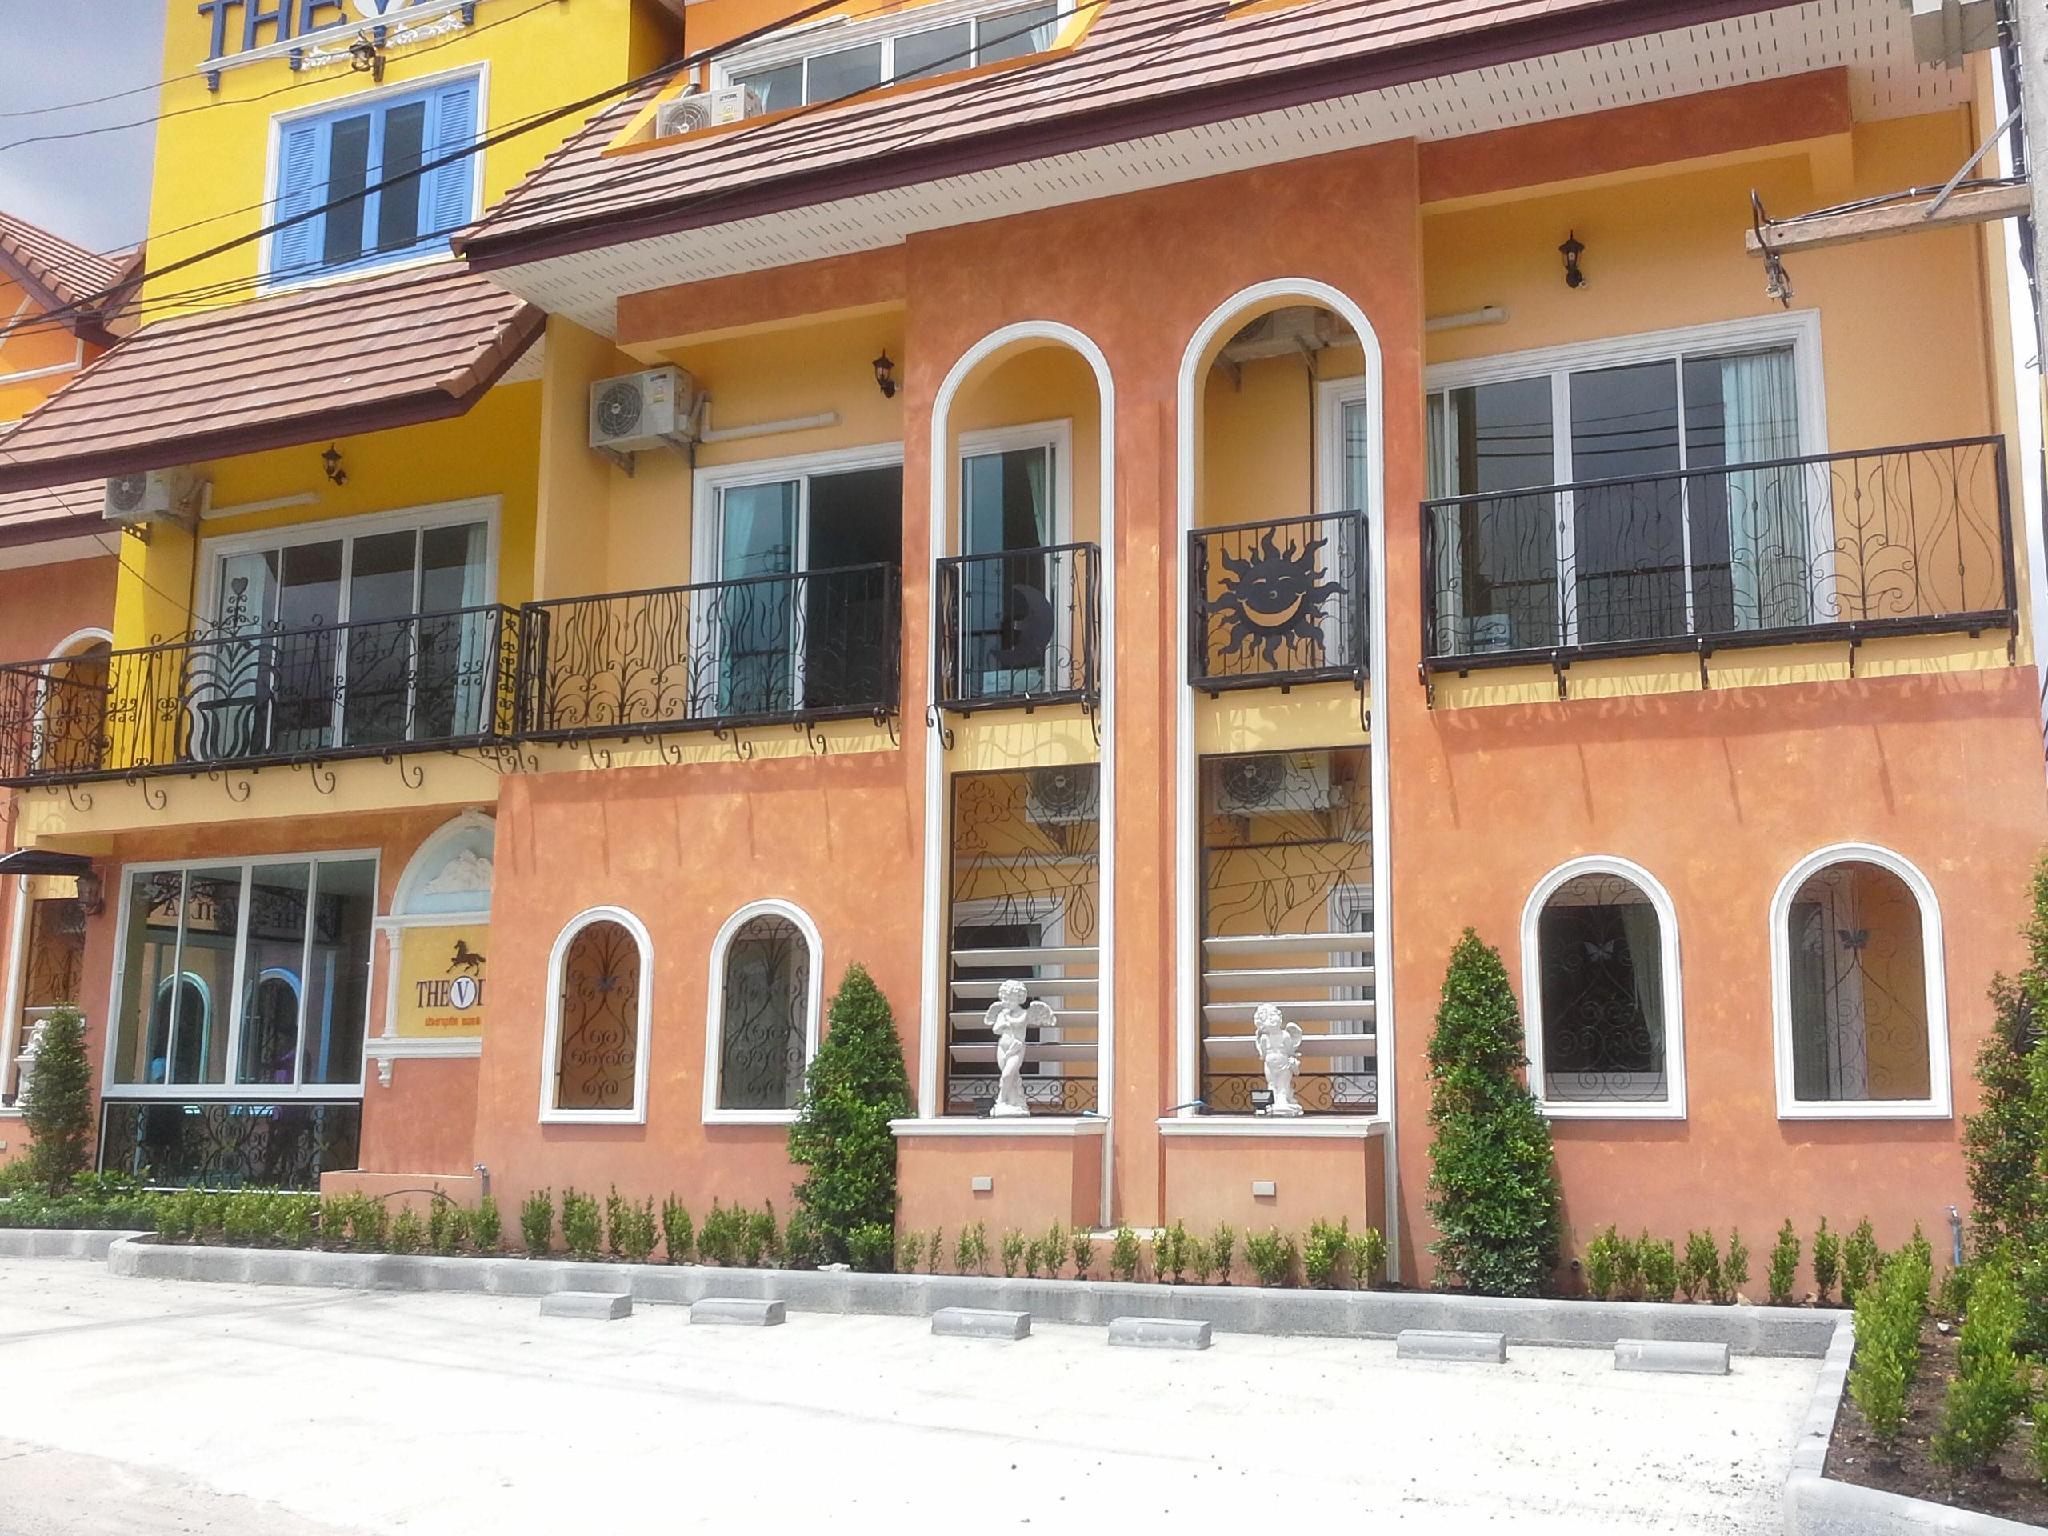 The Villa Khaopreedee Thungsong